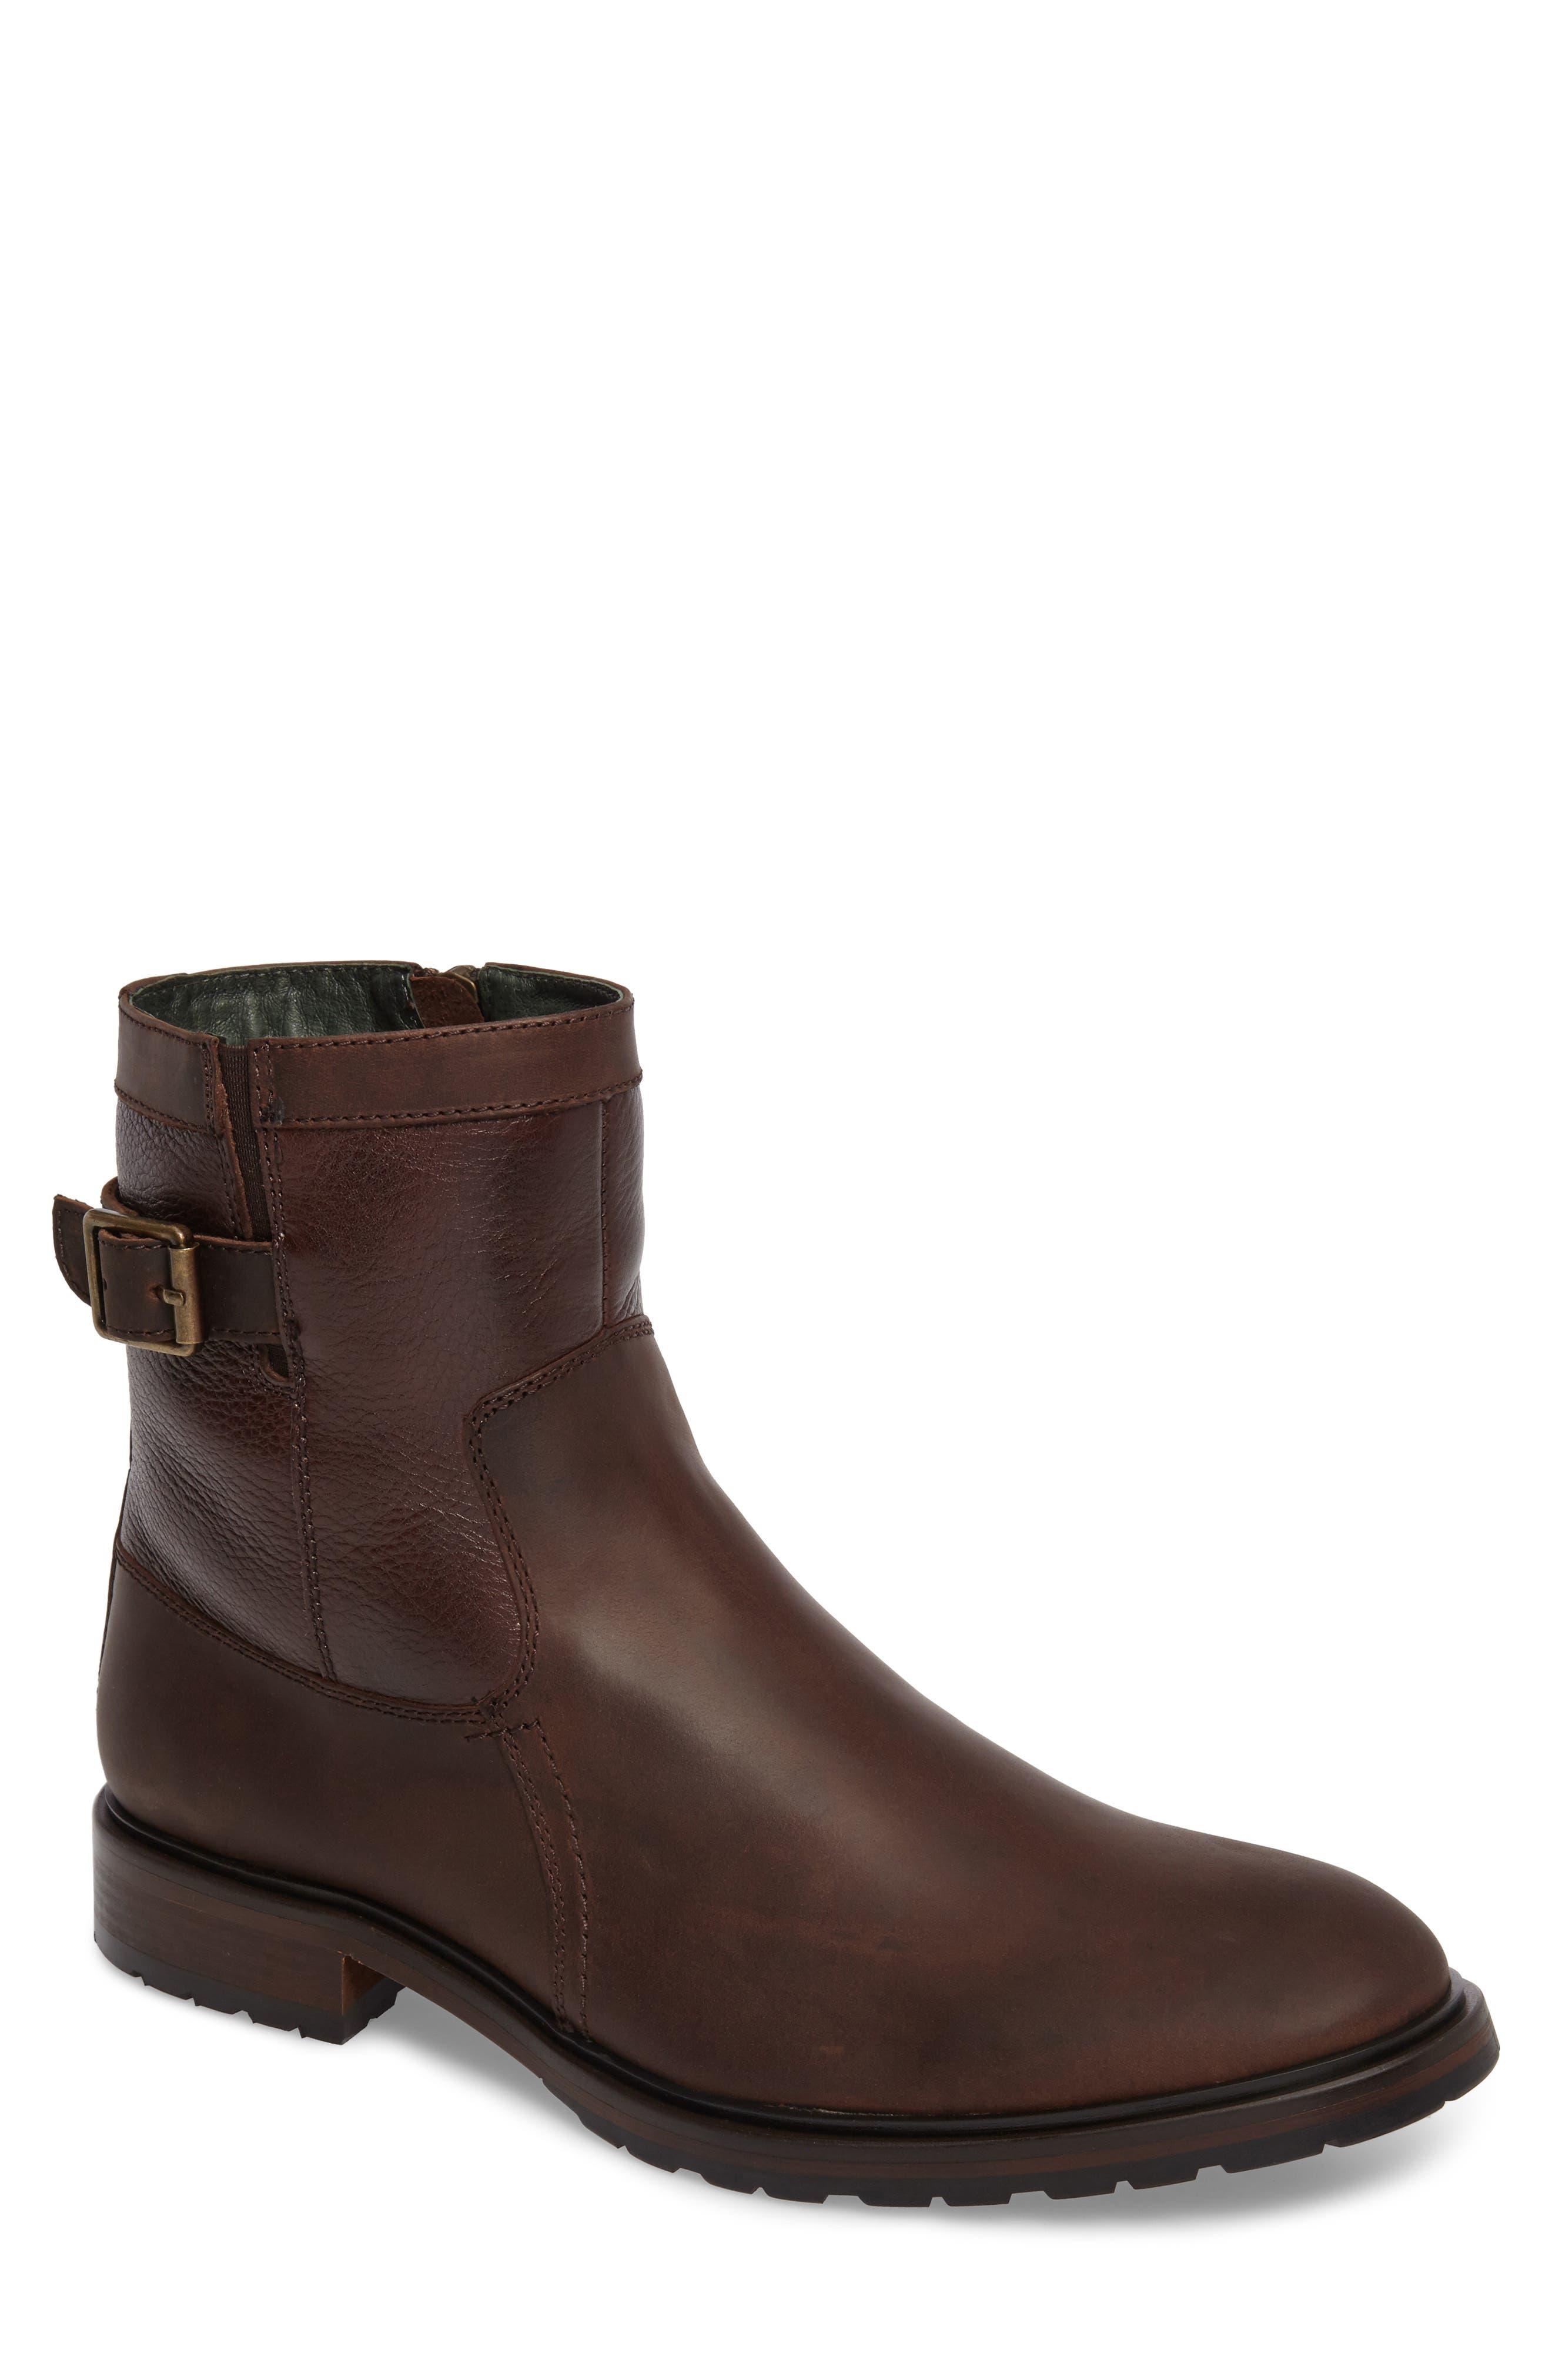 Myles Zip Boot,                         Main,                         color, 201